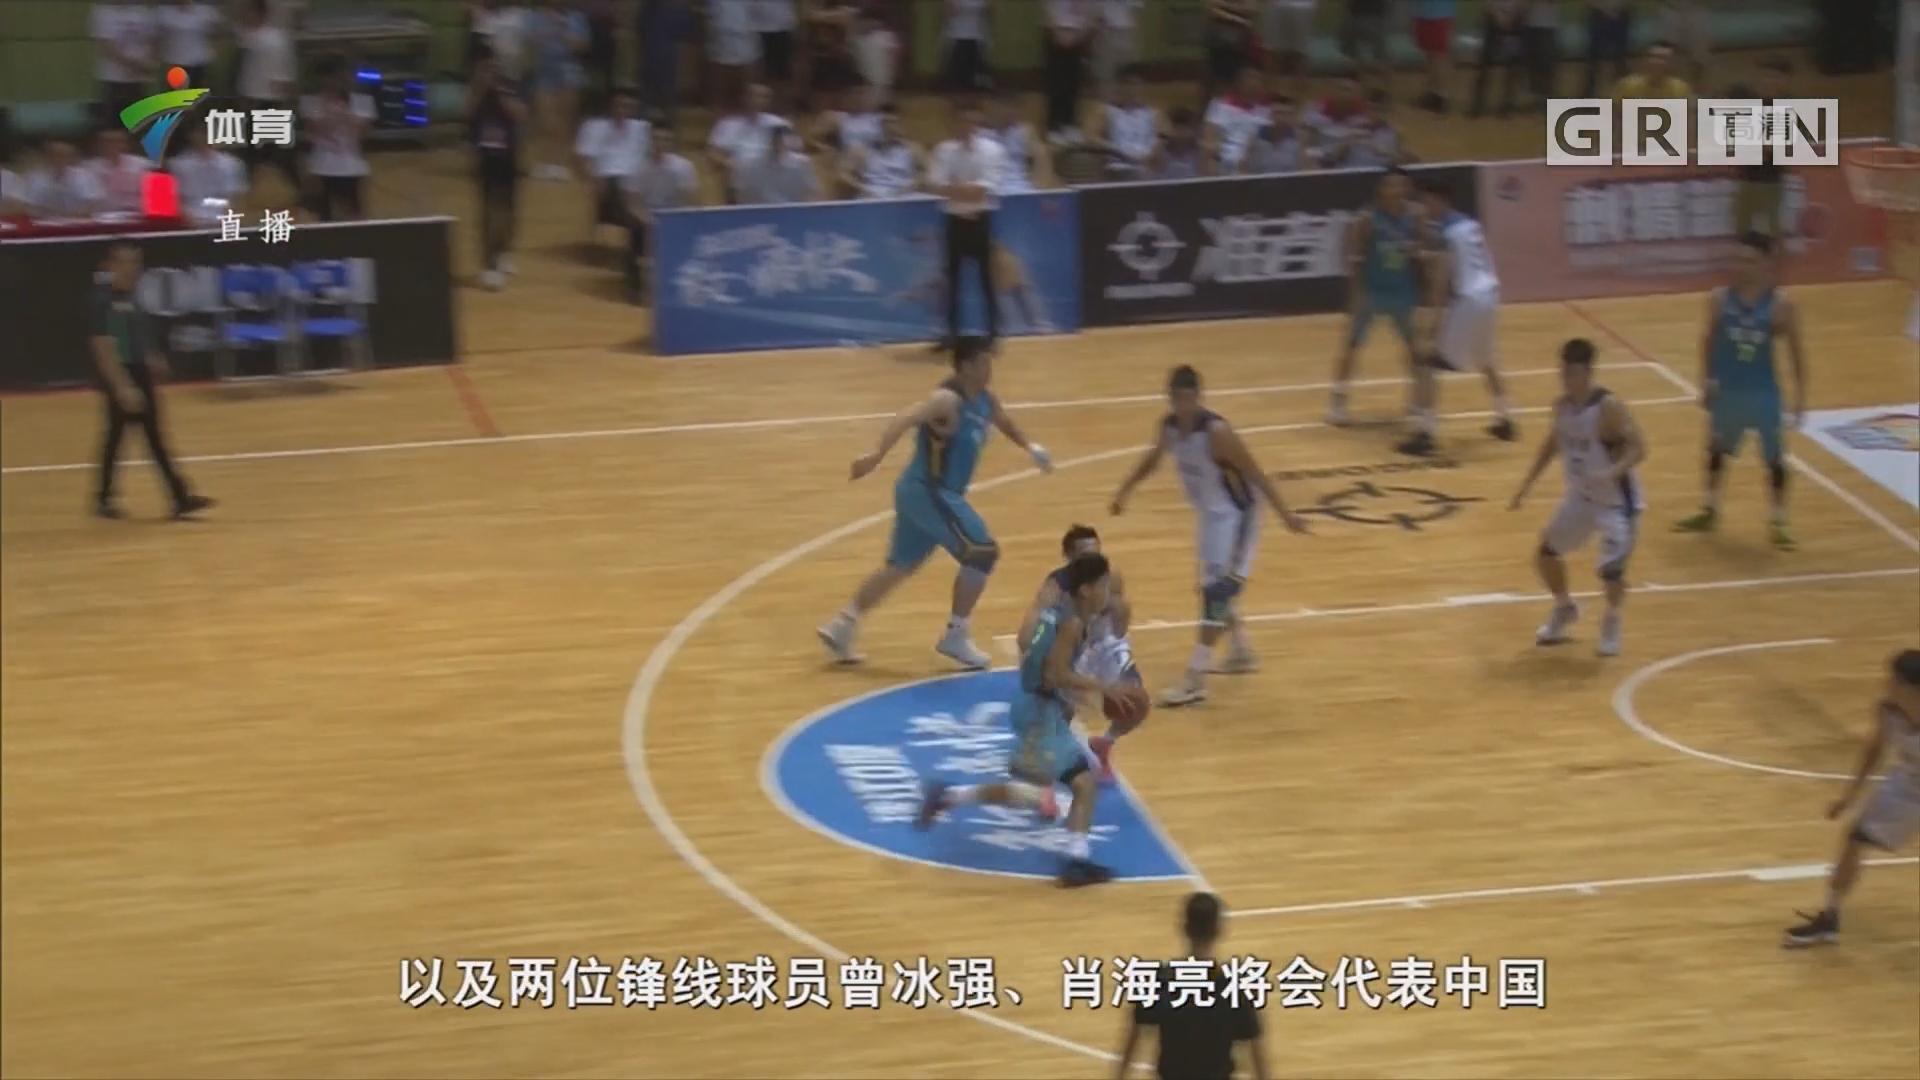 粤联赛精英领衔中国3人男篮 草根球员一尝亚运梦